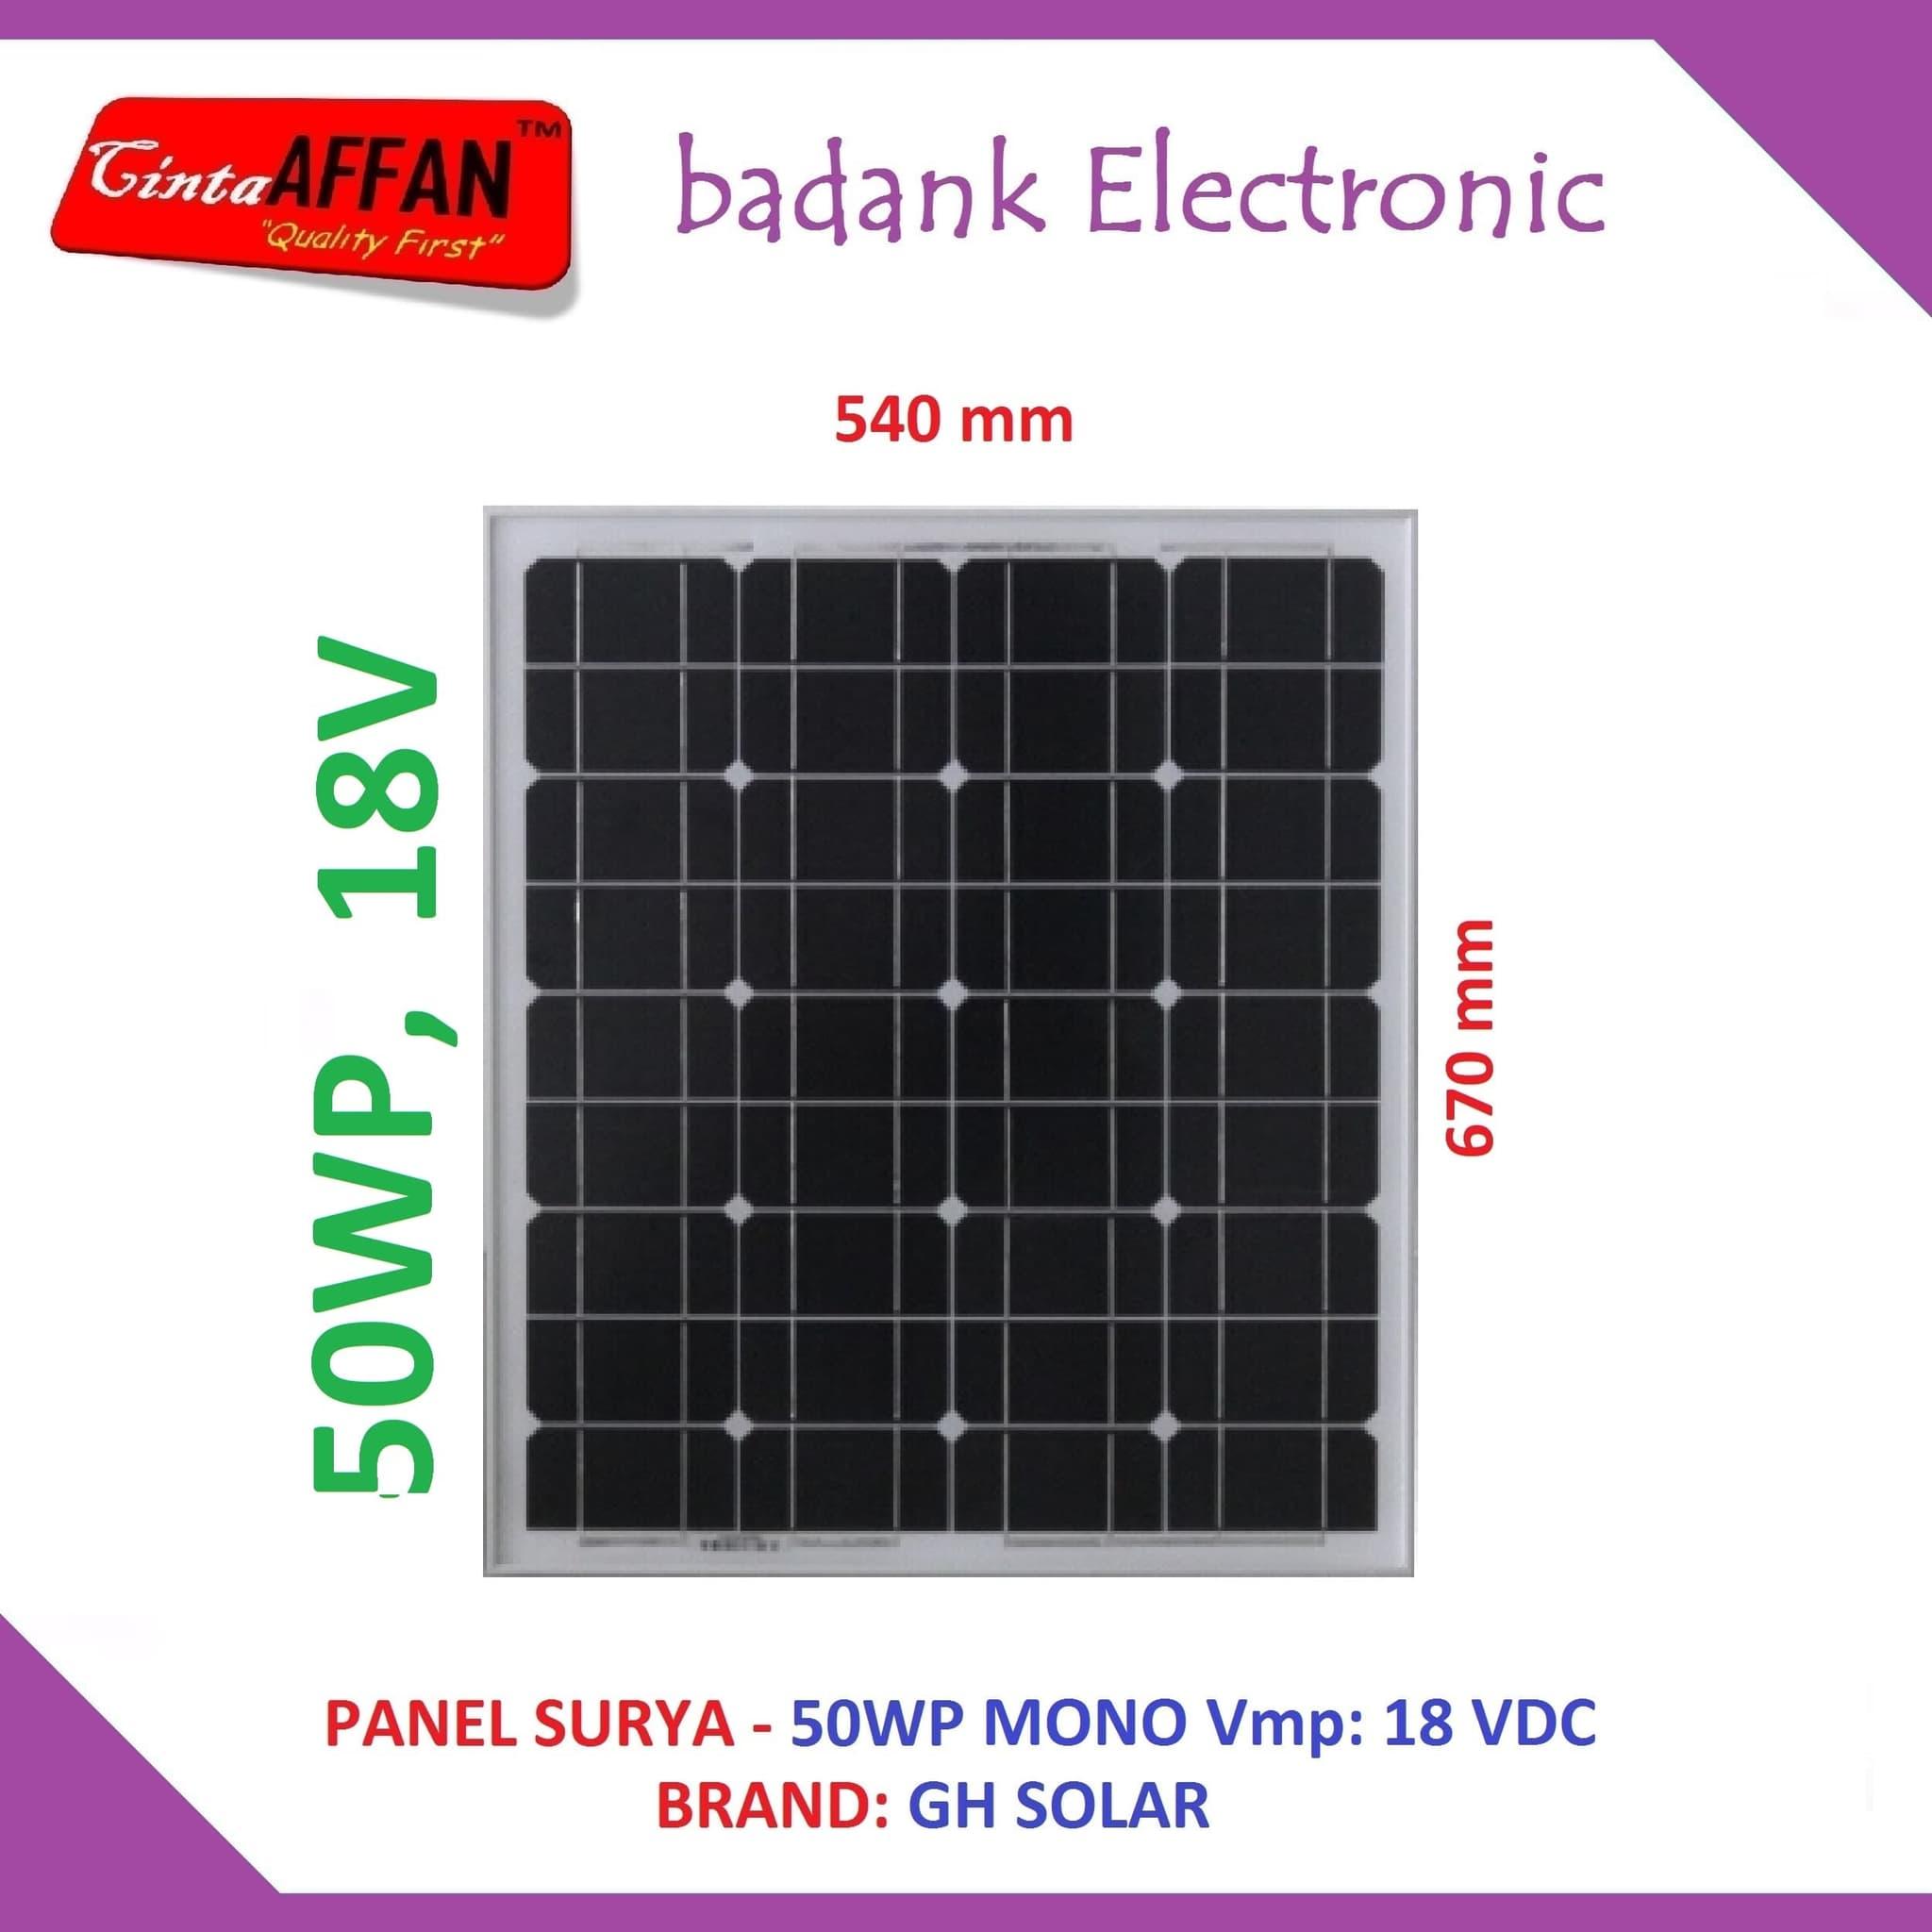 Jual Panel Surya 50Wp MONO - Solar Panel 50 Watt PV 50 Wp - badank Electronic